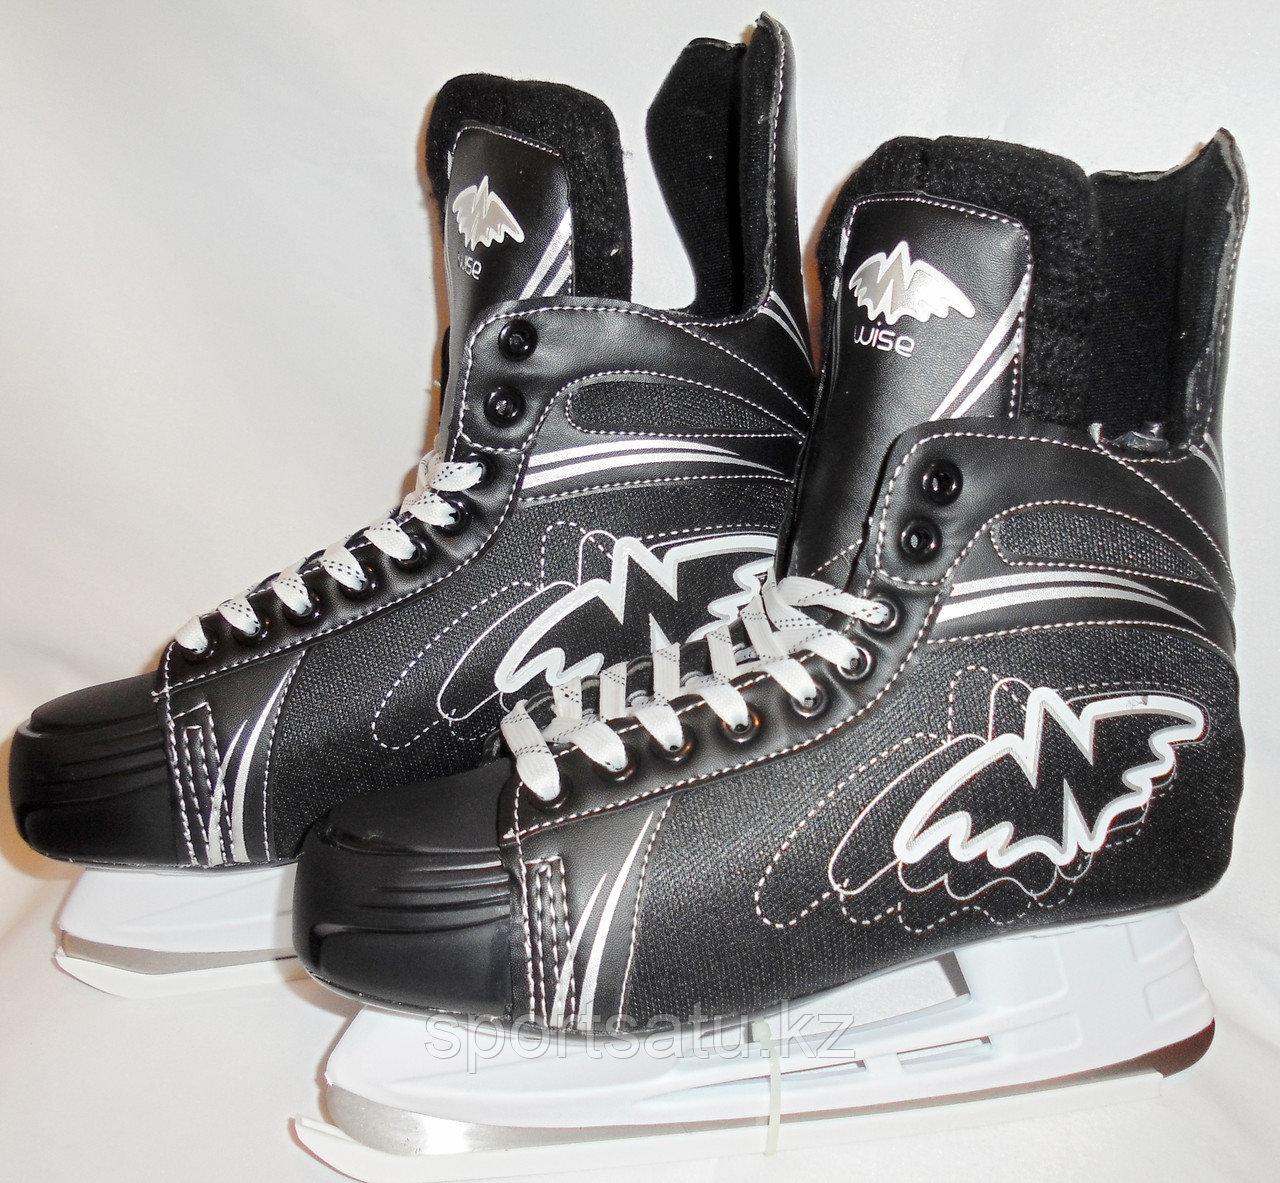 Хоккейные коньки WEIS